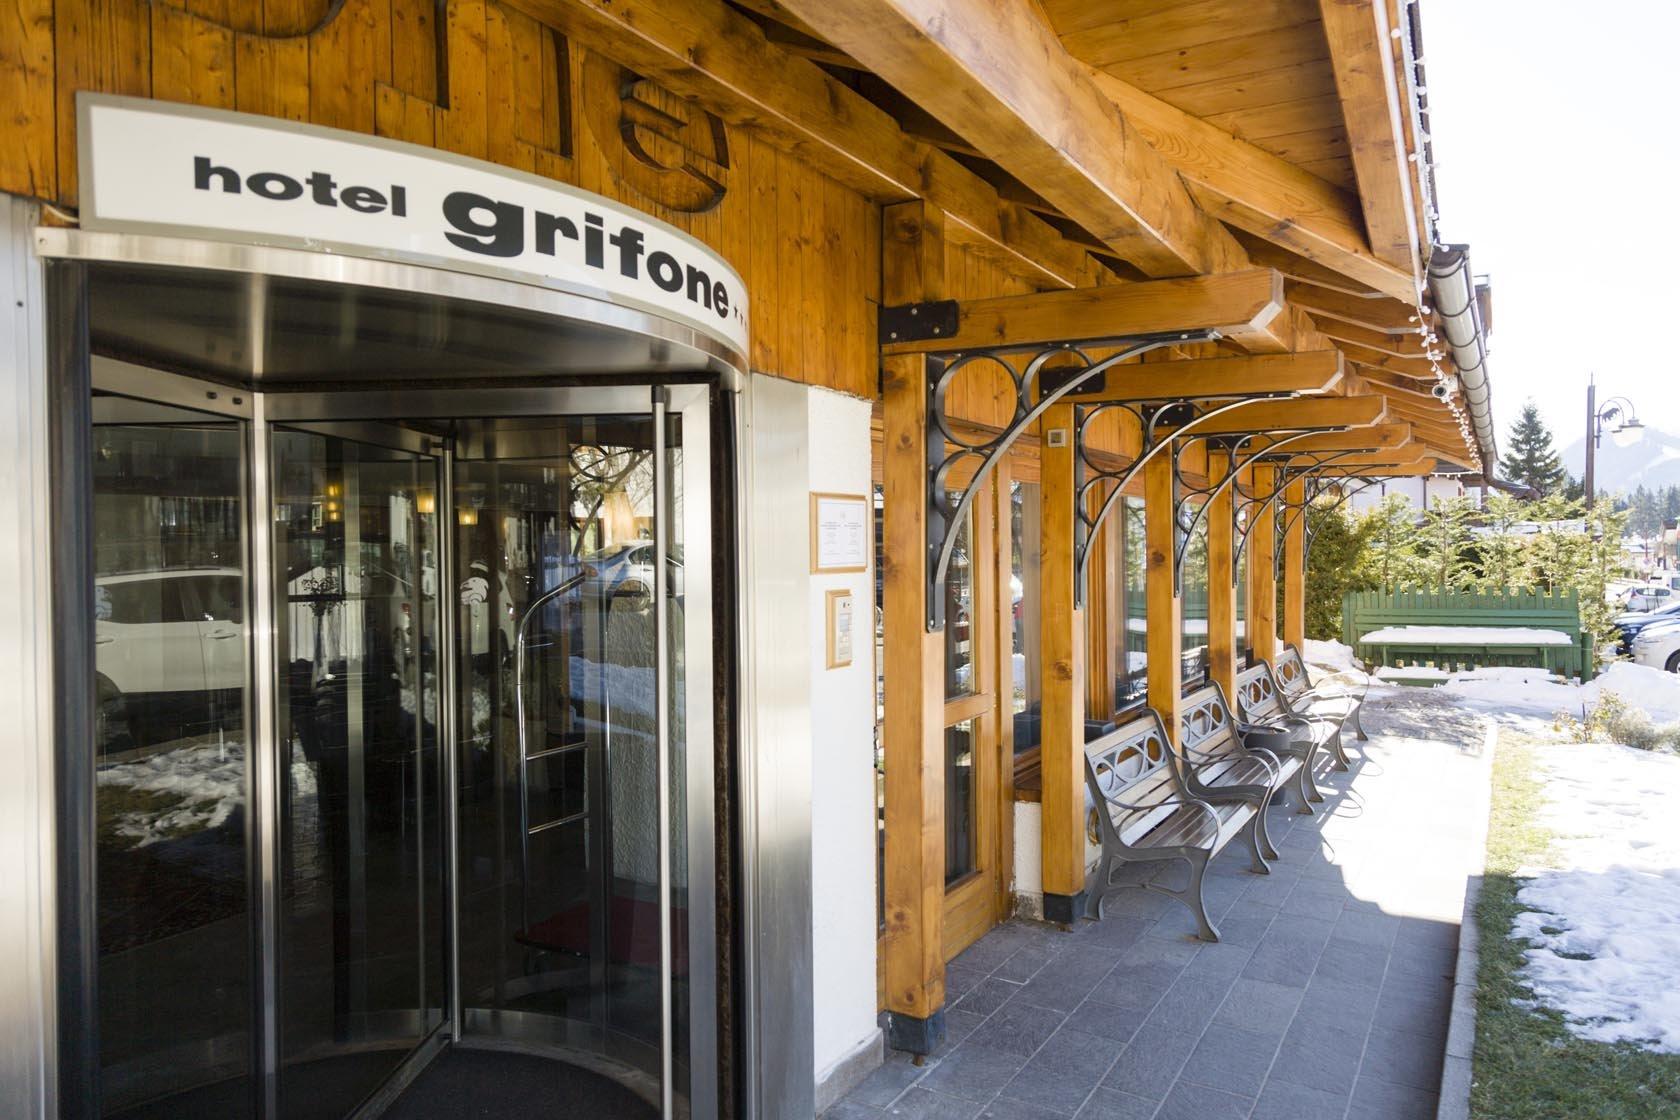 Grifone Hotel - La struttura